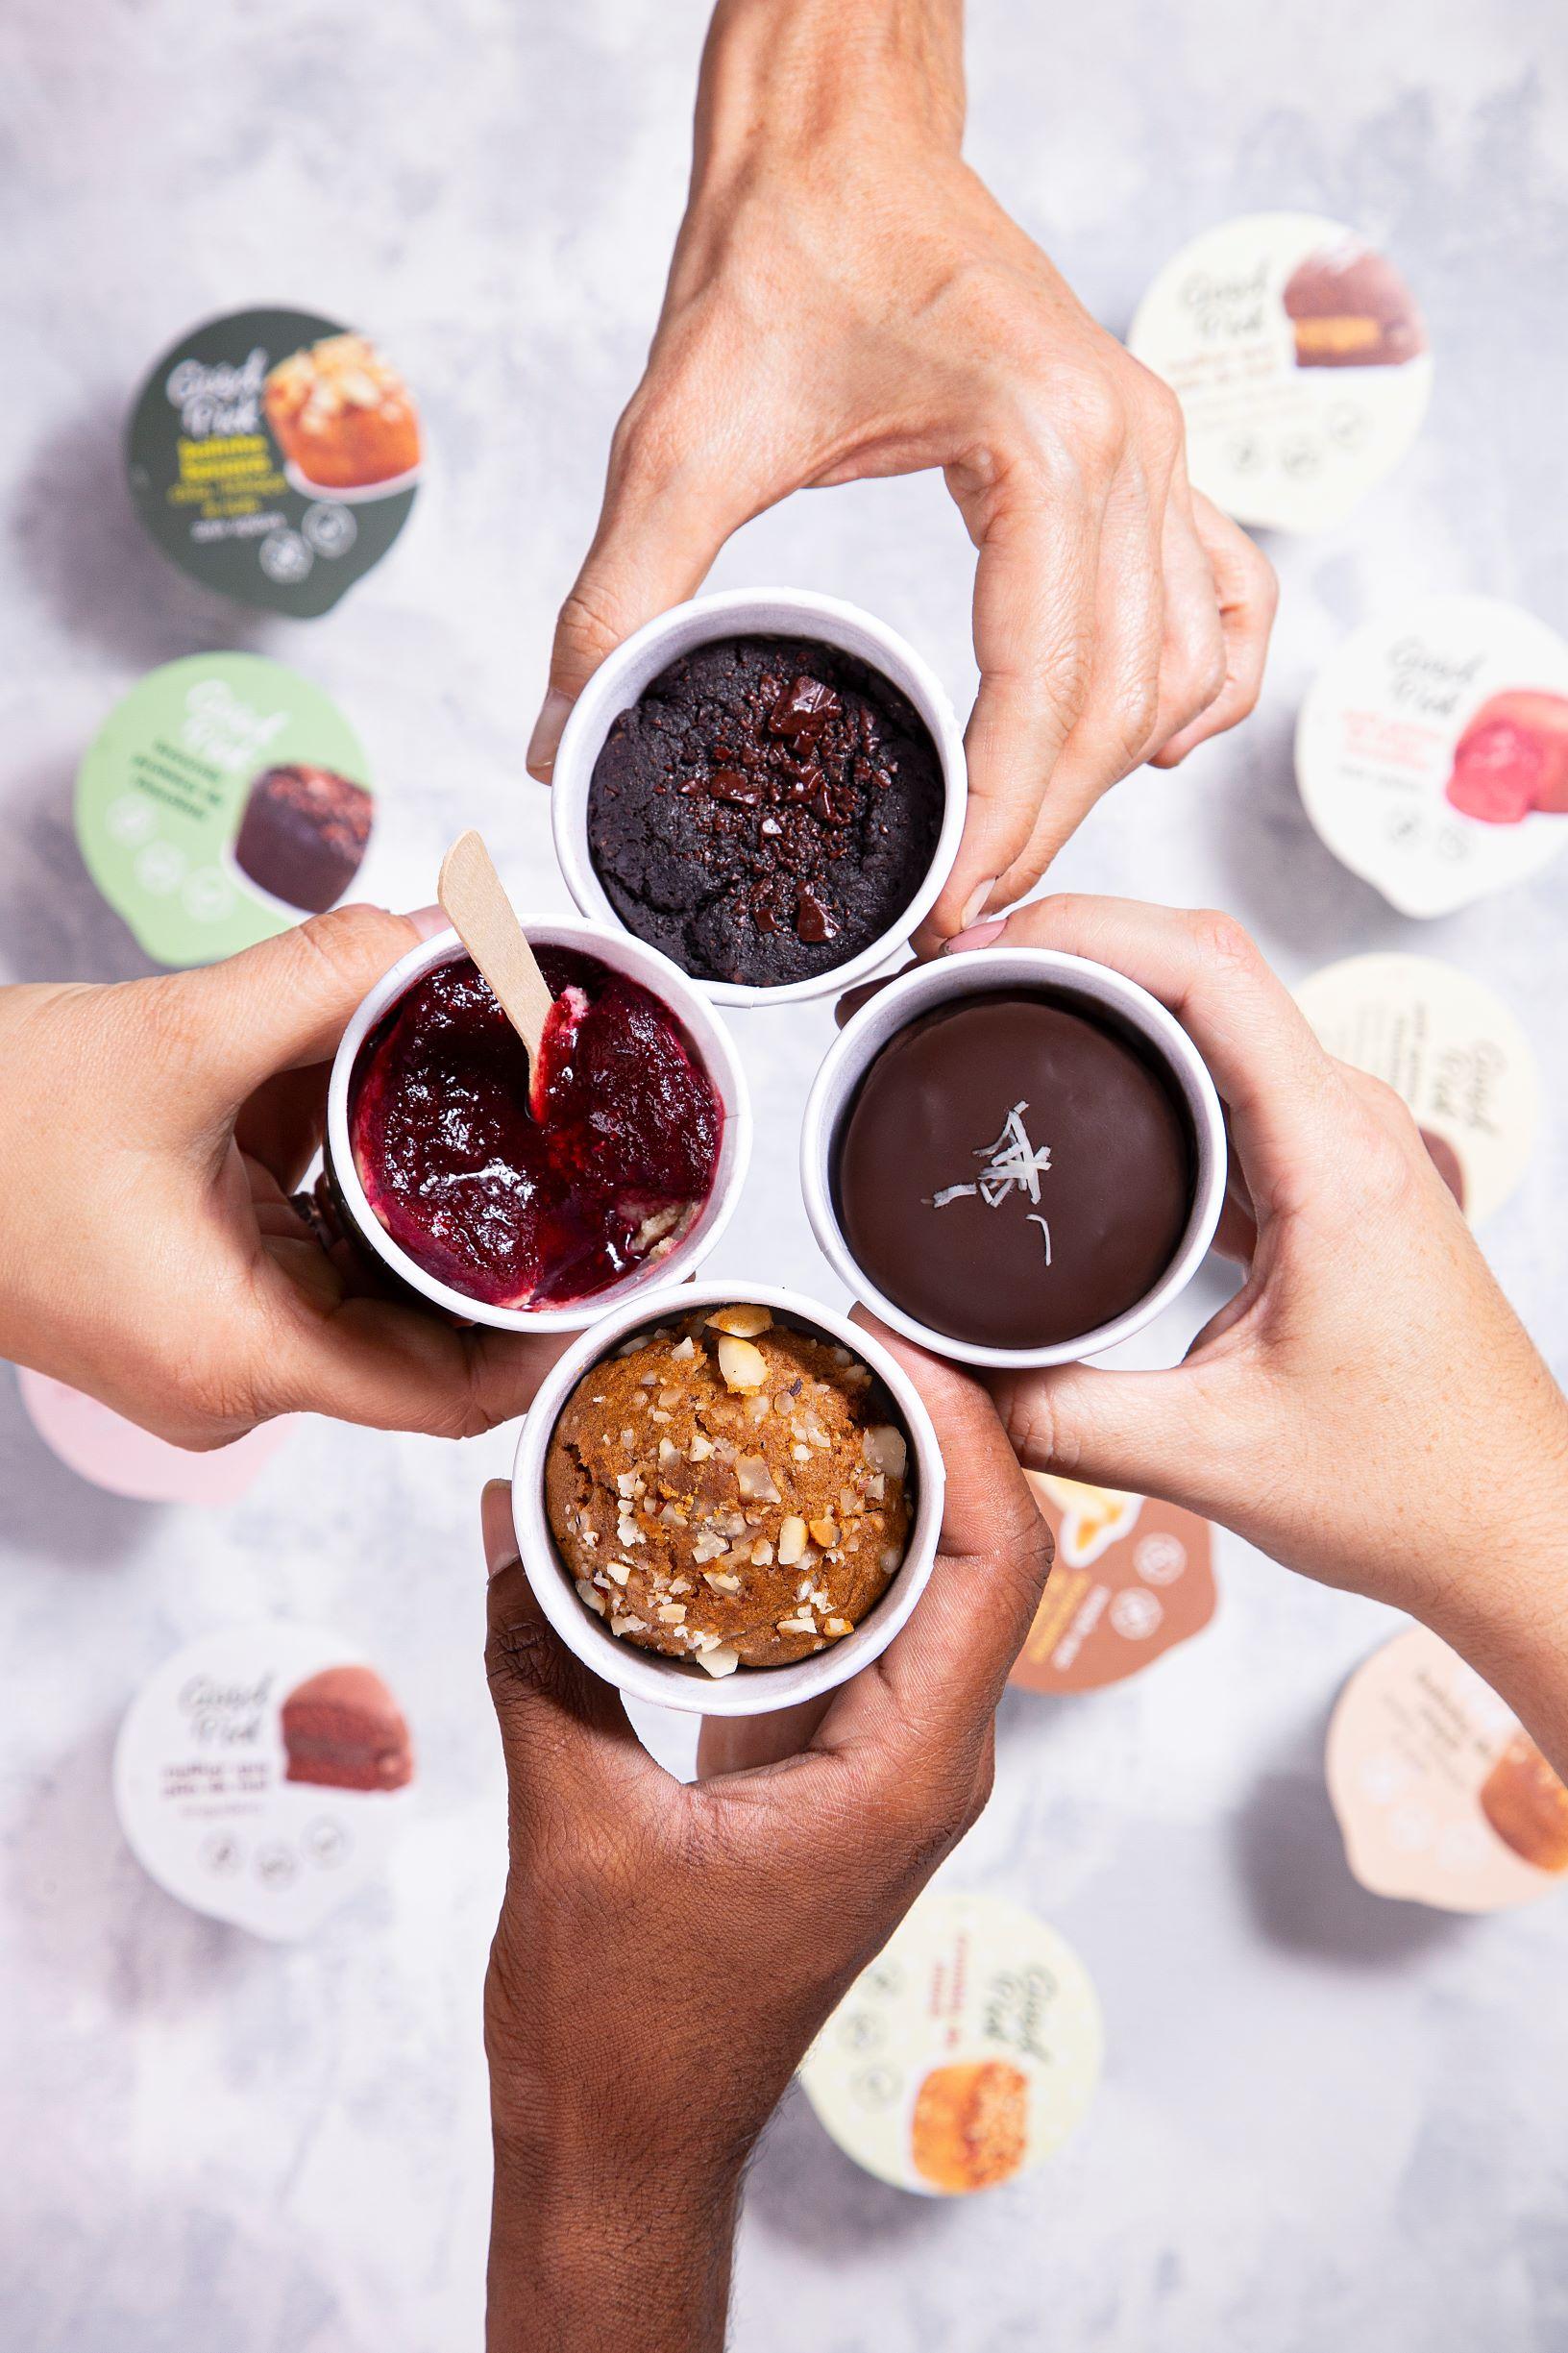 Sobremesas em porções individuais: congelamento ultra rápido permite abrir mão dos conservantes químicos